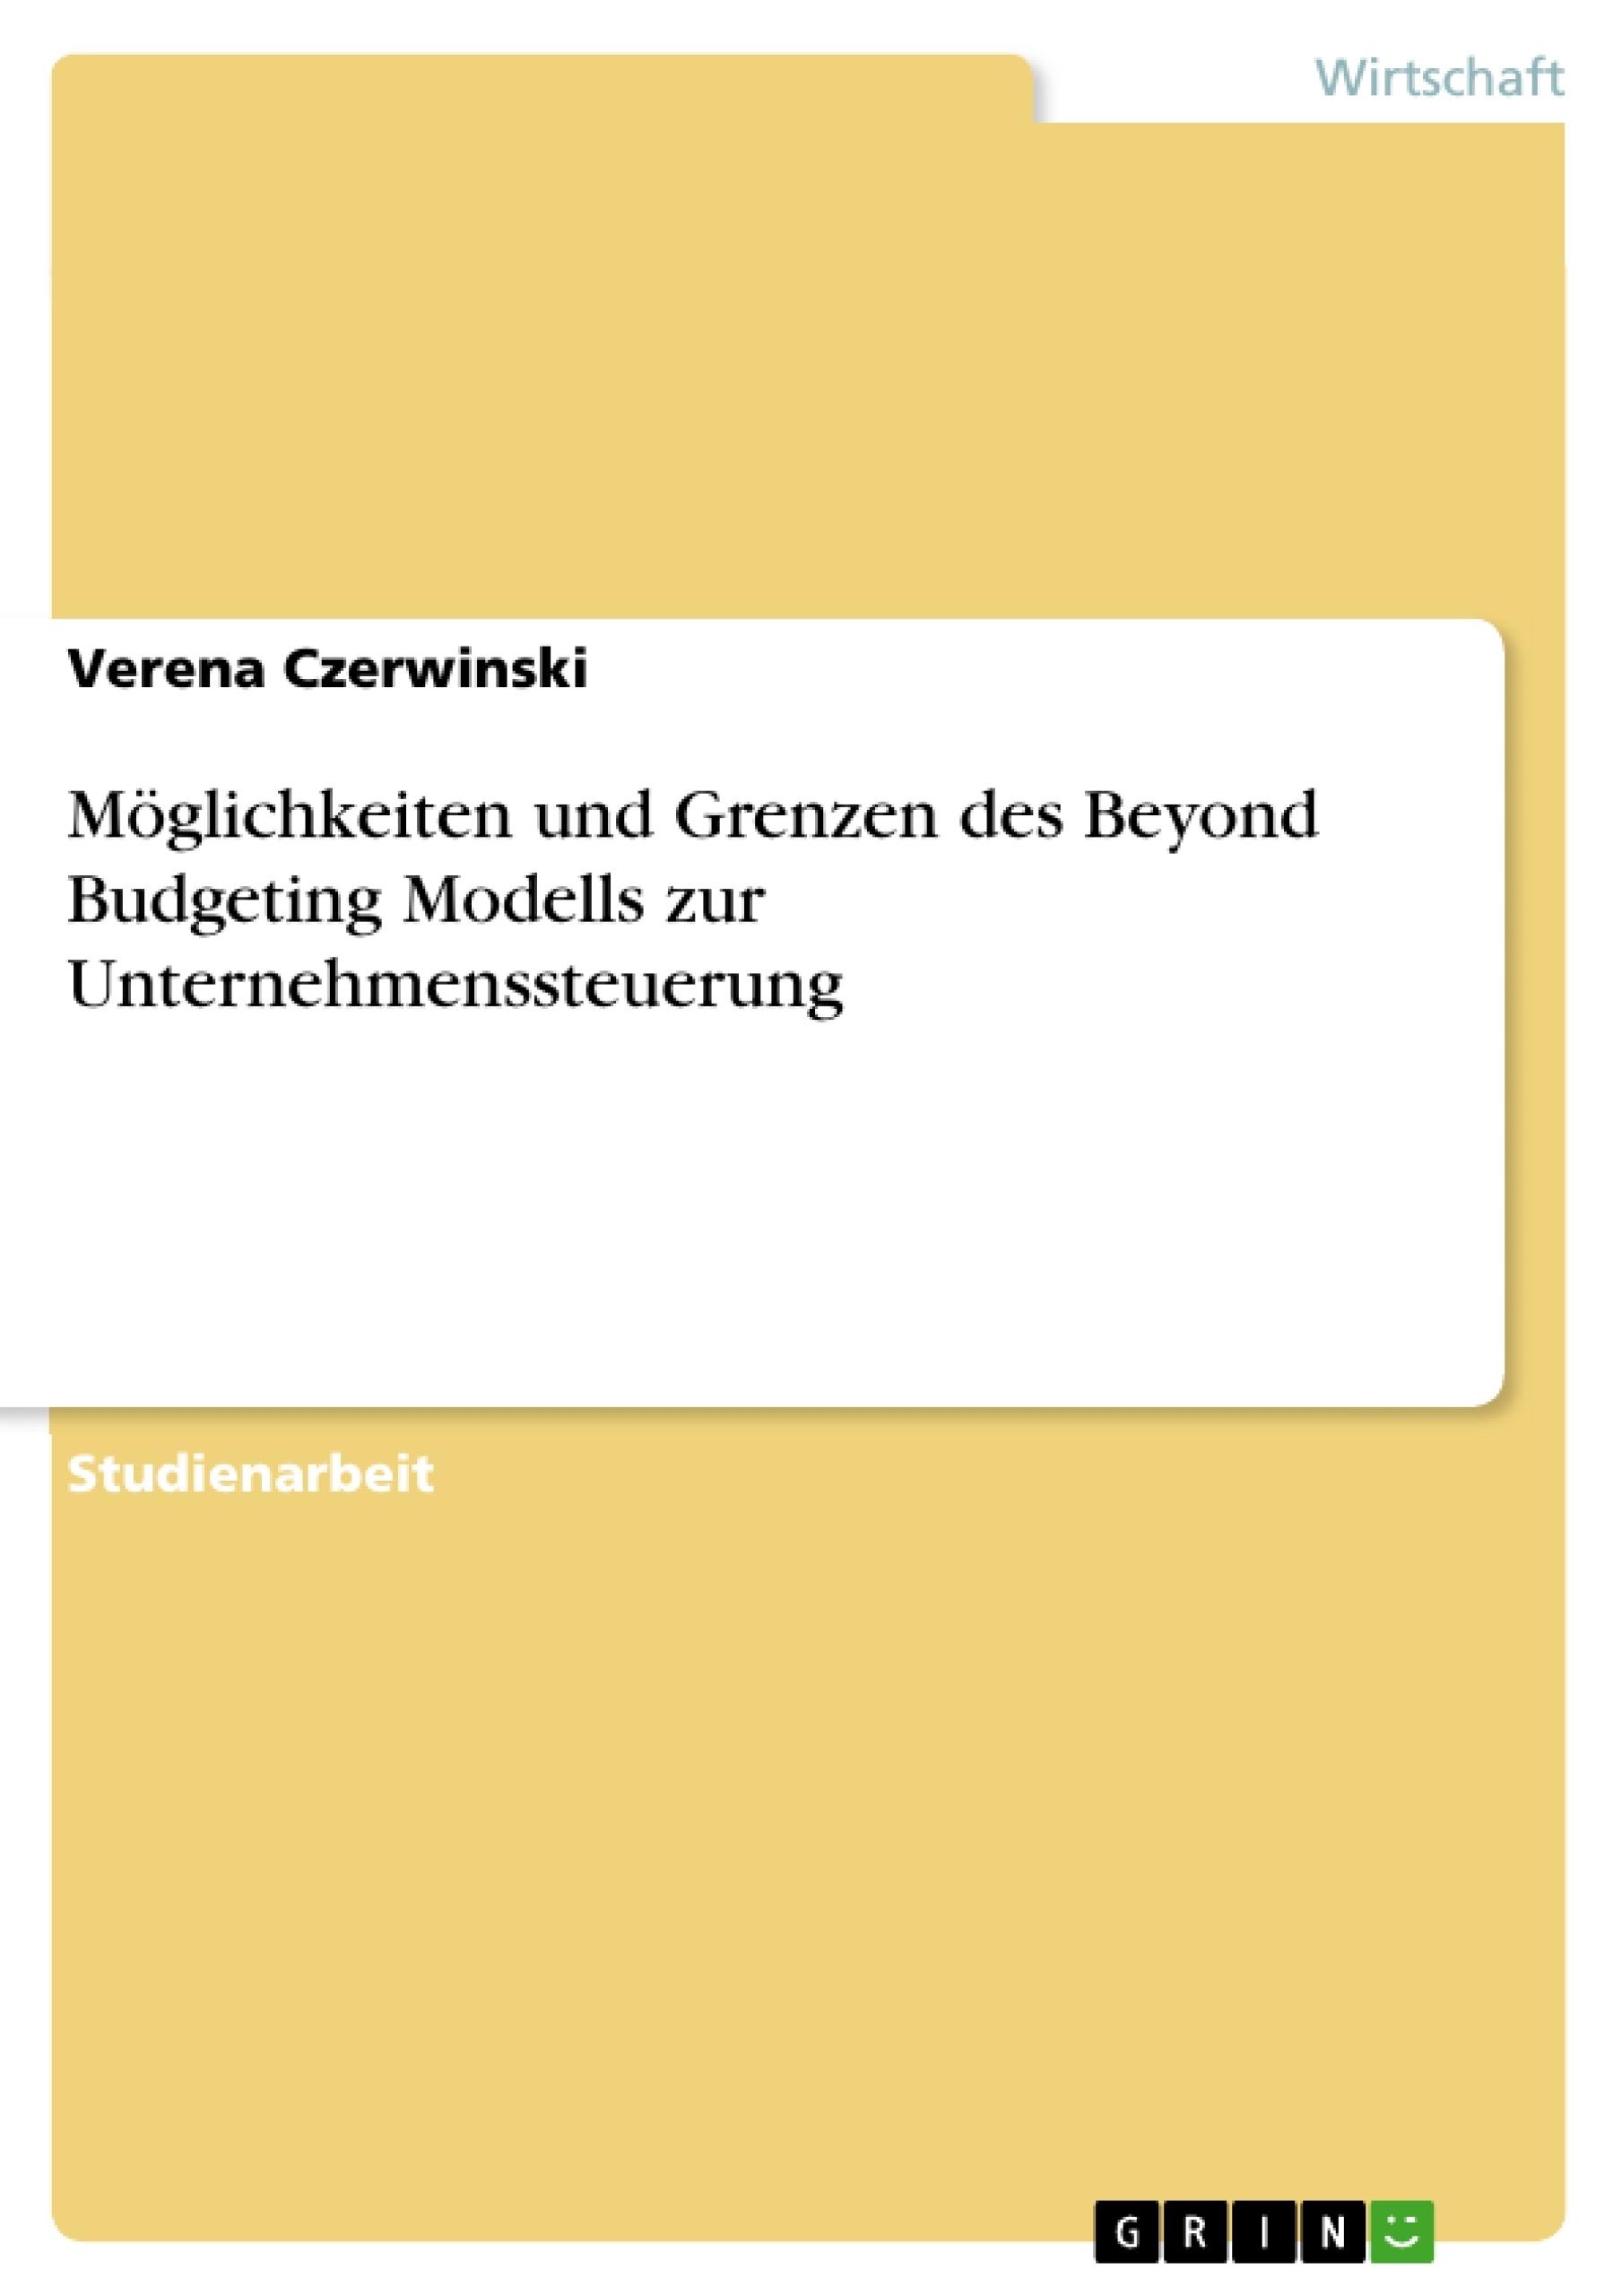 Titel: Möglichkeiten und Grenzen des Beyond Budgeting Modells zur Unternehmenssteuerung